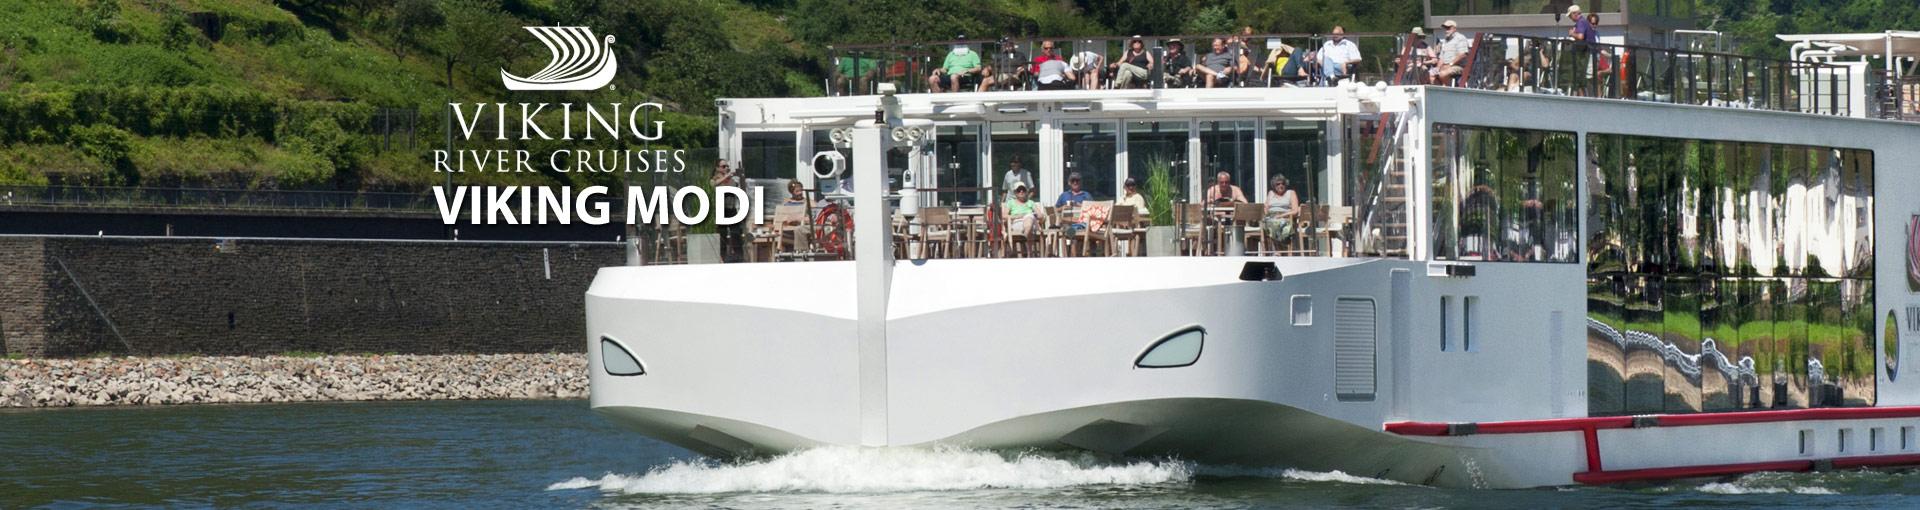 Viking River Viking Modi river cruise ship